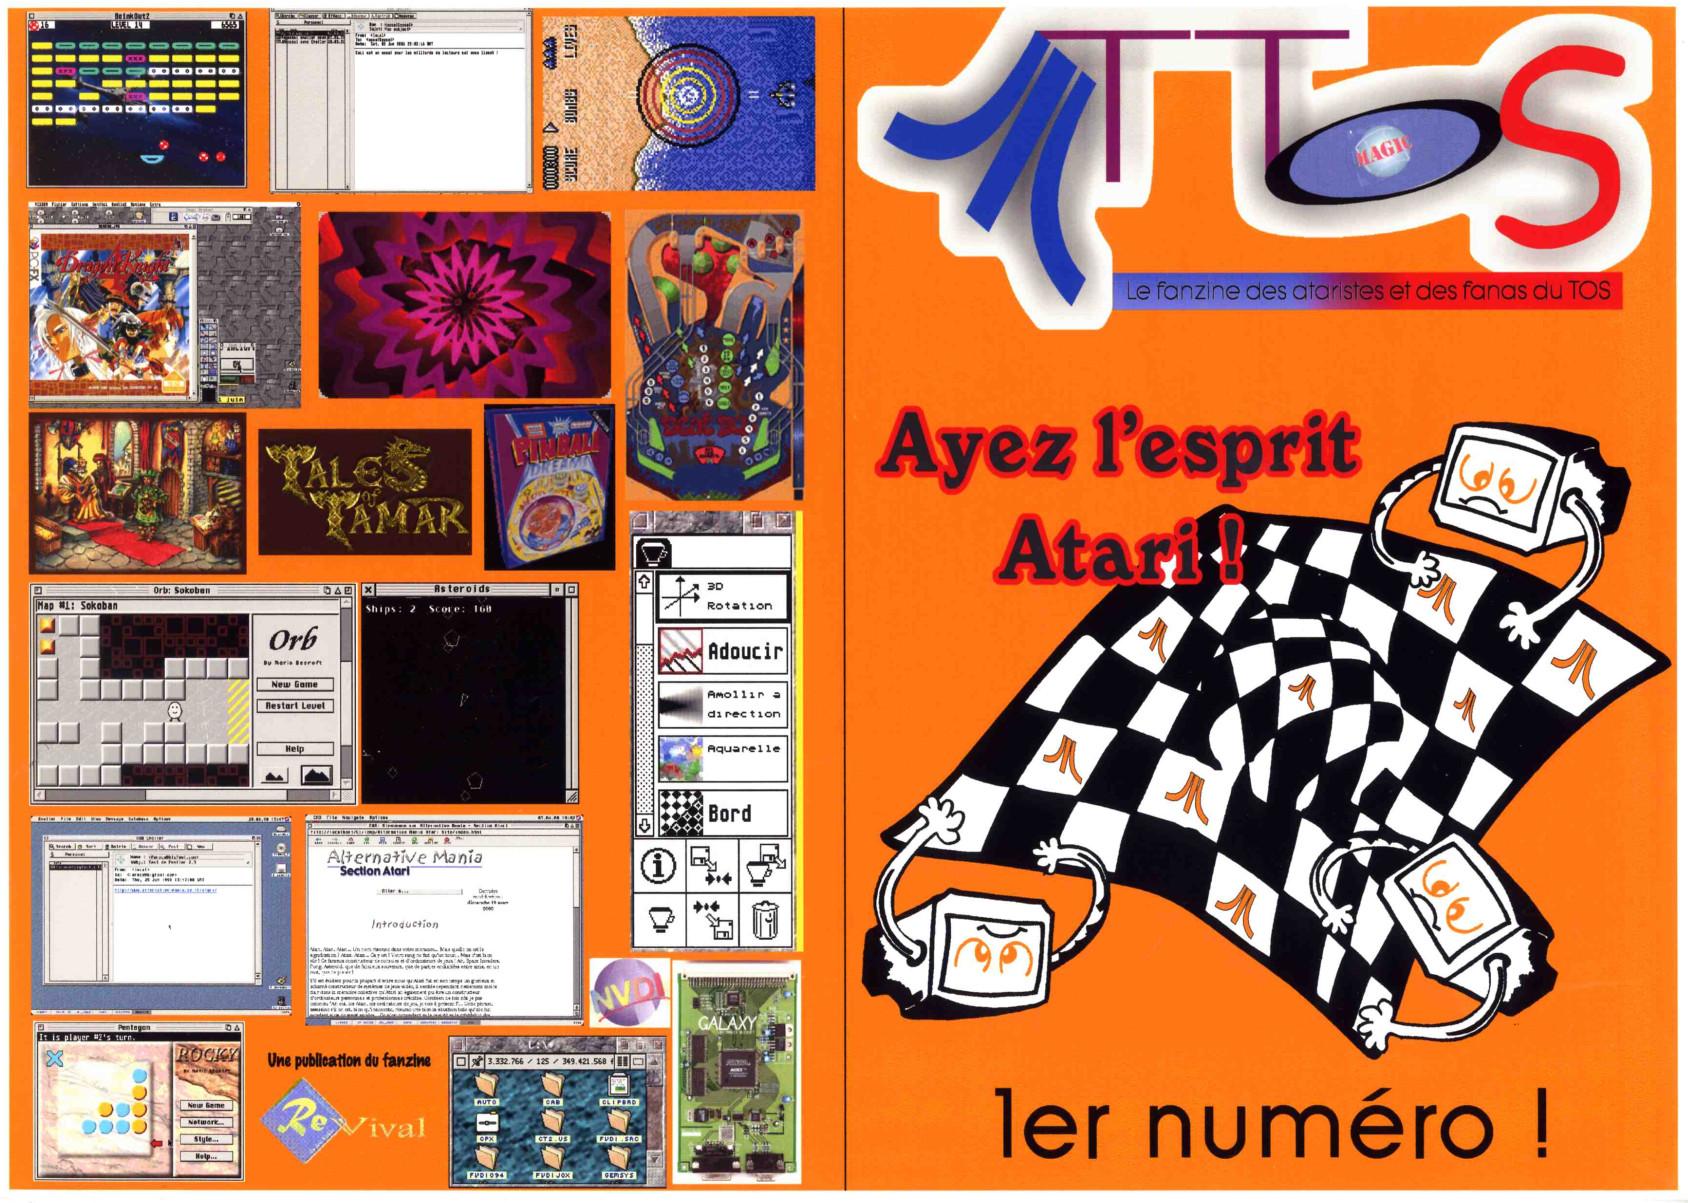 AtTOS magazine Atari ST